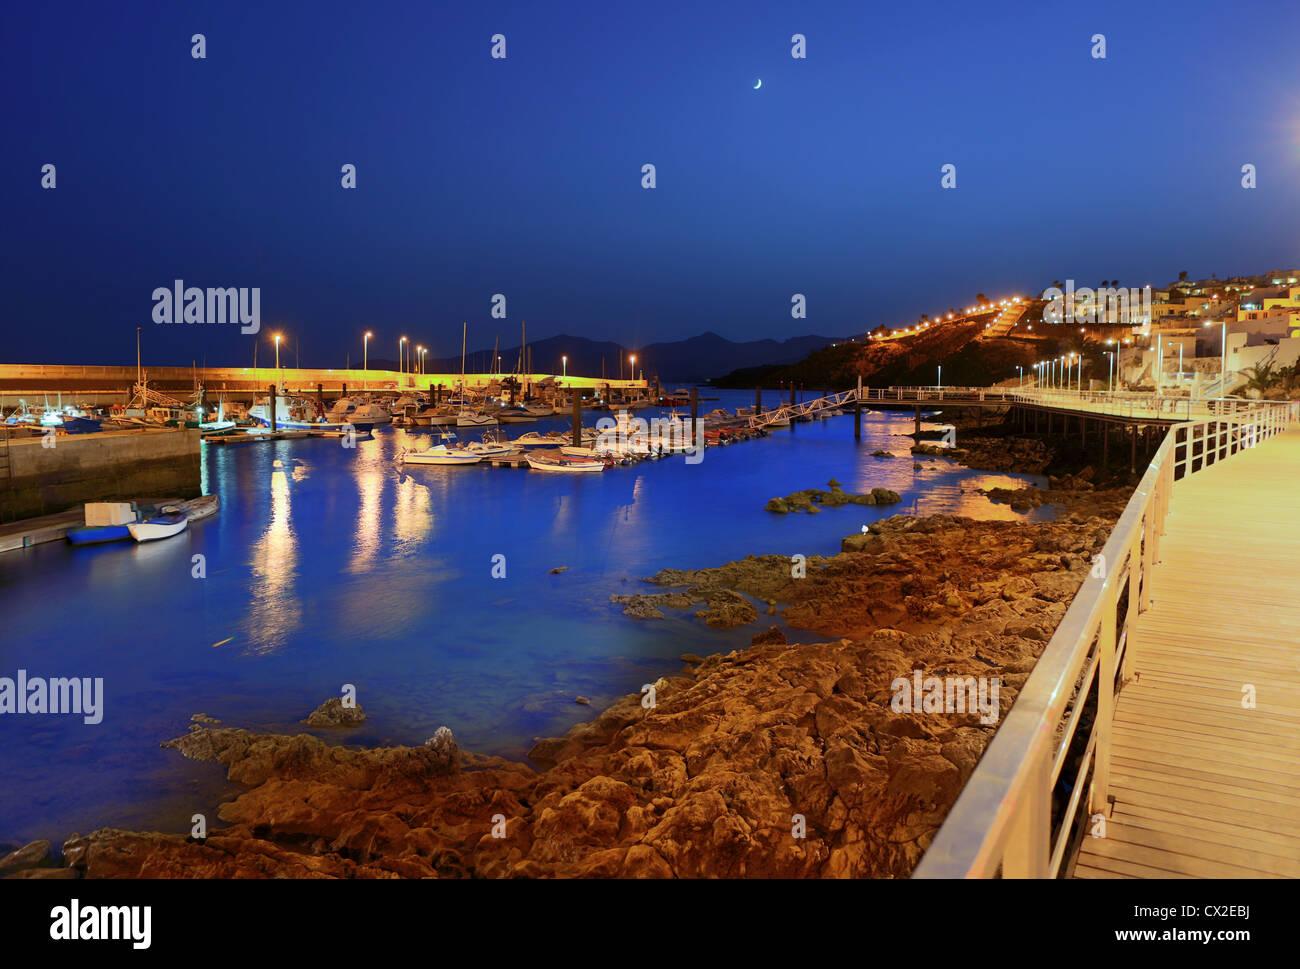 Lanzarote puerto del carmen harbour night view in canary islands stock photo royalty free image - Port del carmen lanzarote ...